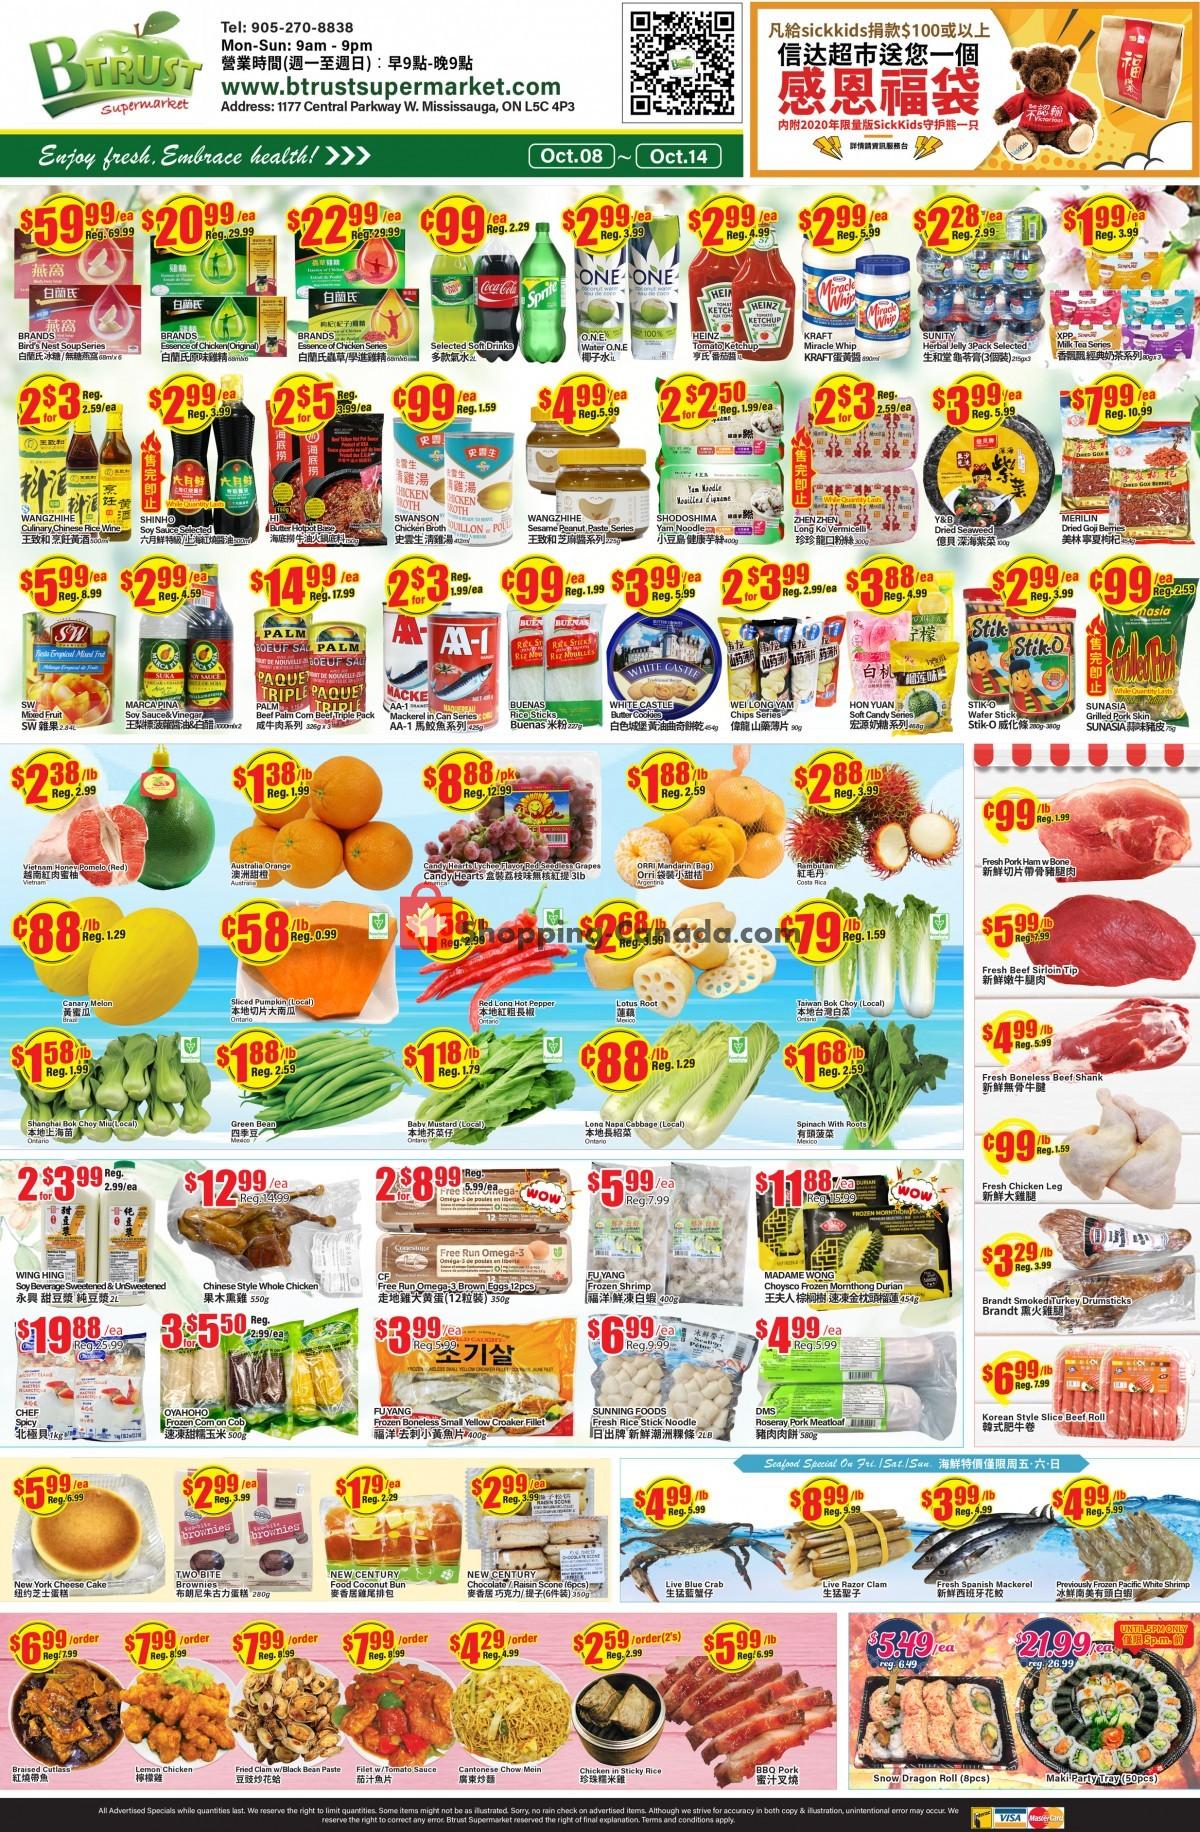 Flyer Btrust Supermarket Canada - from Friday October 8, 2021 to Thursday October 14, 2021